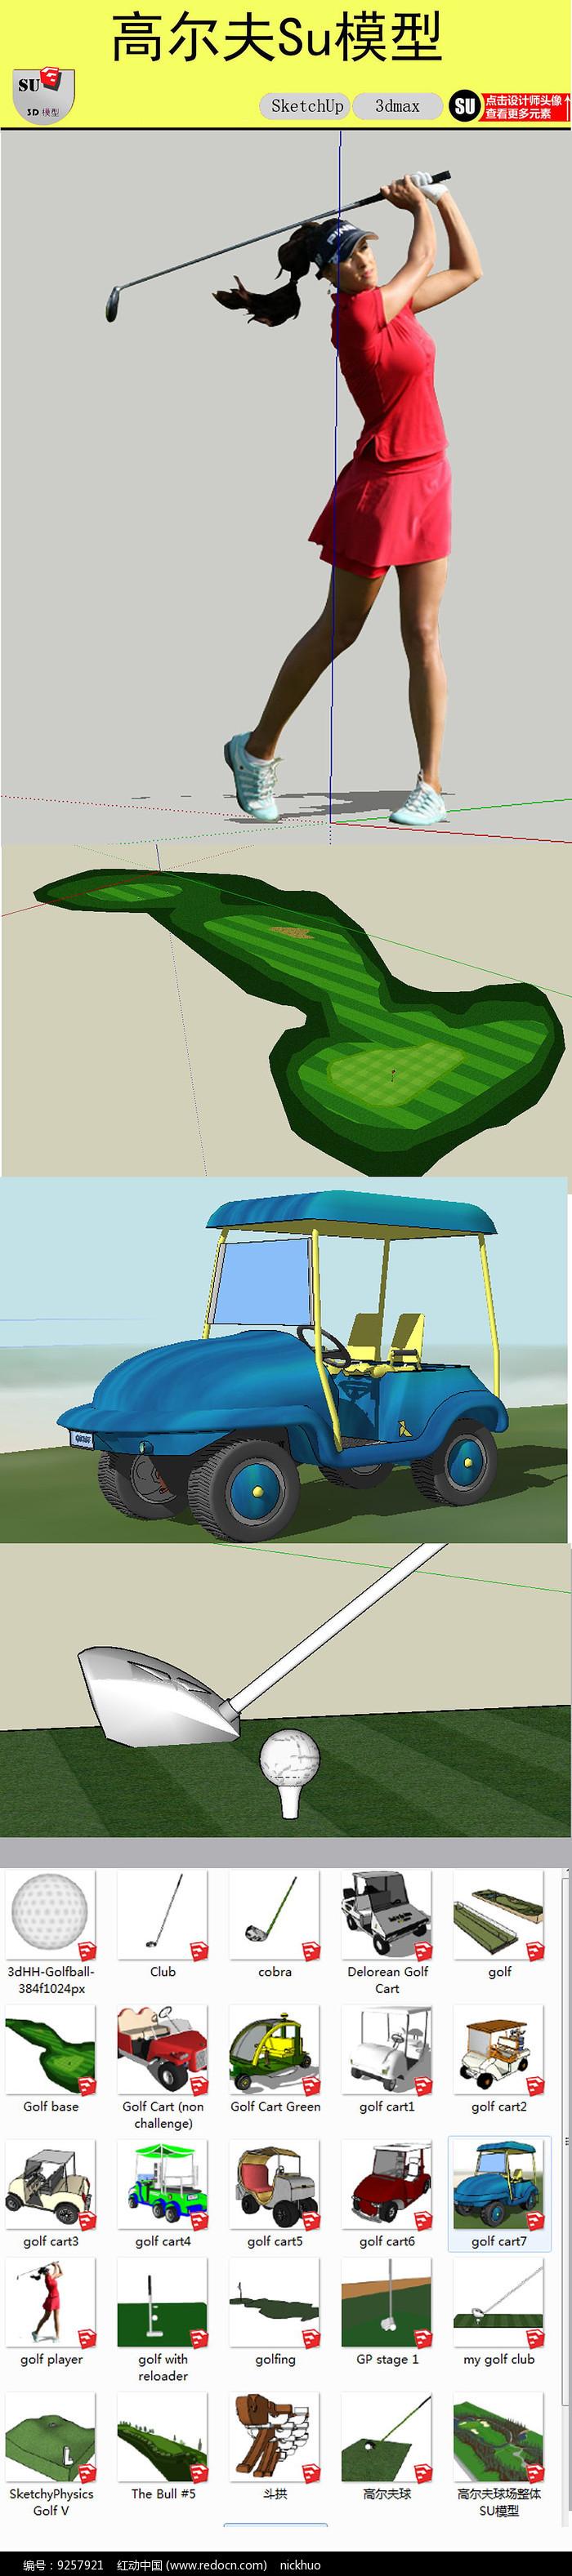 高尔夫球场模型图片